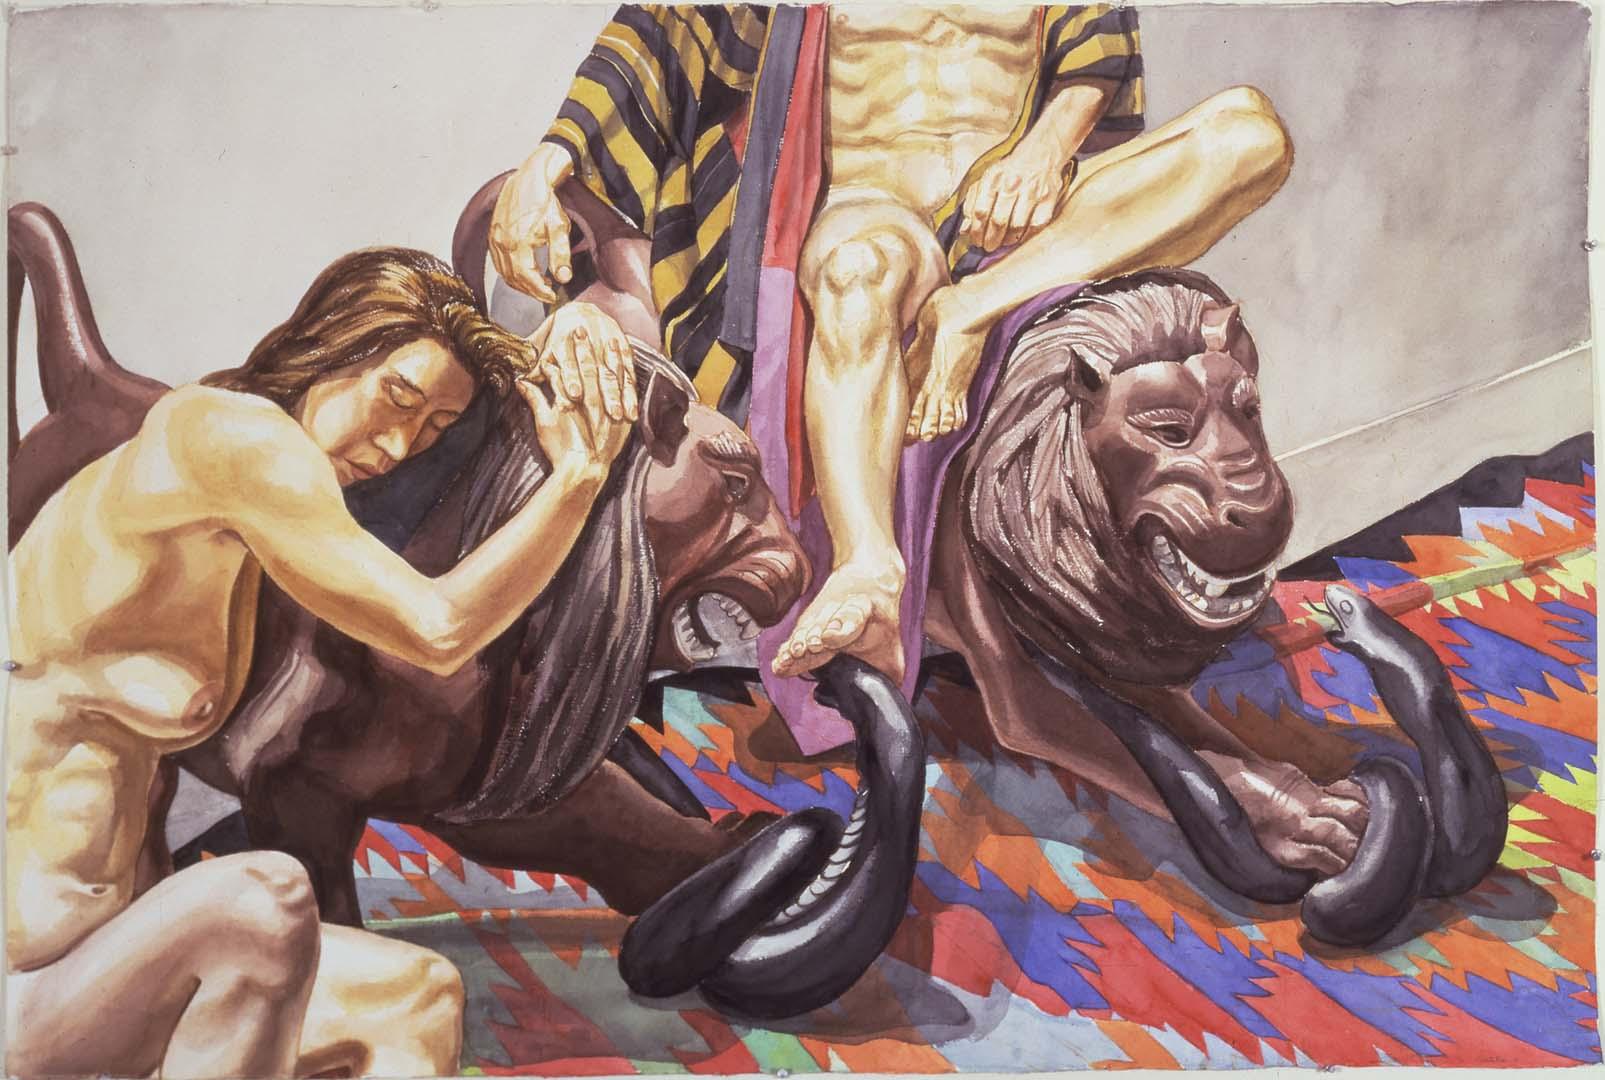 1991 Luna Park Lions Watercolor on Paper 40 x 60